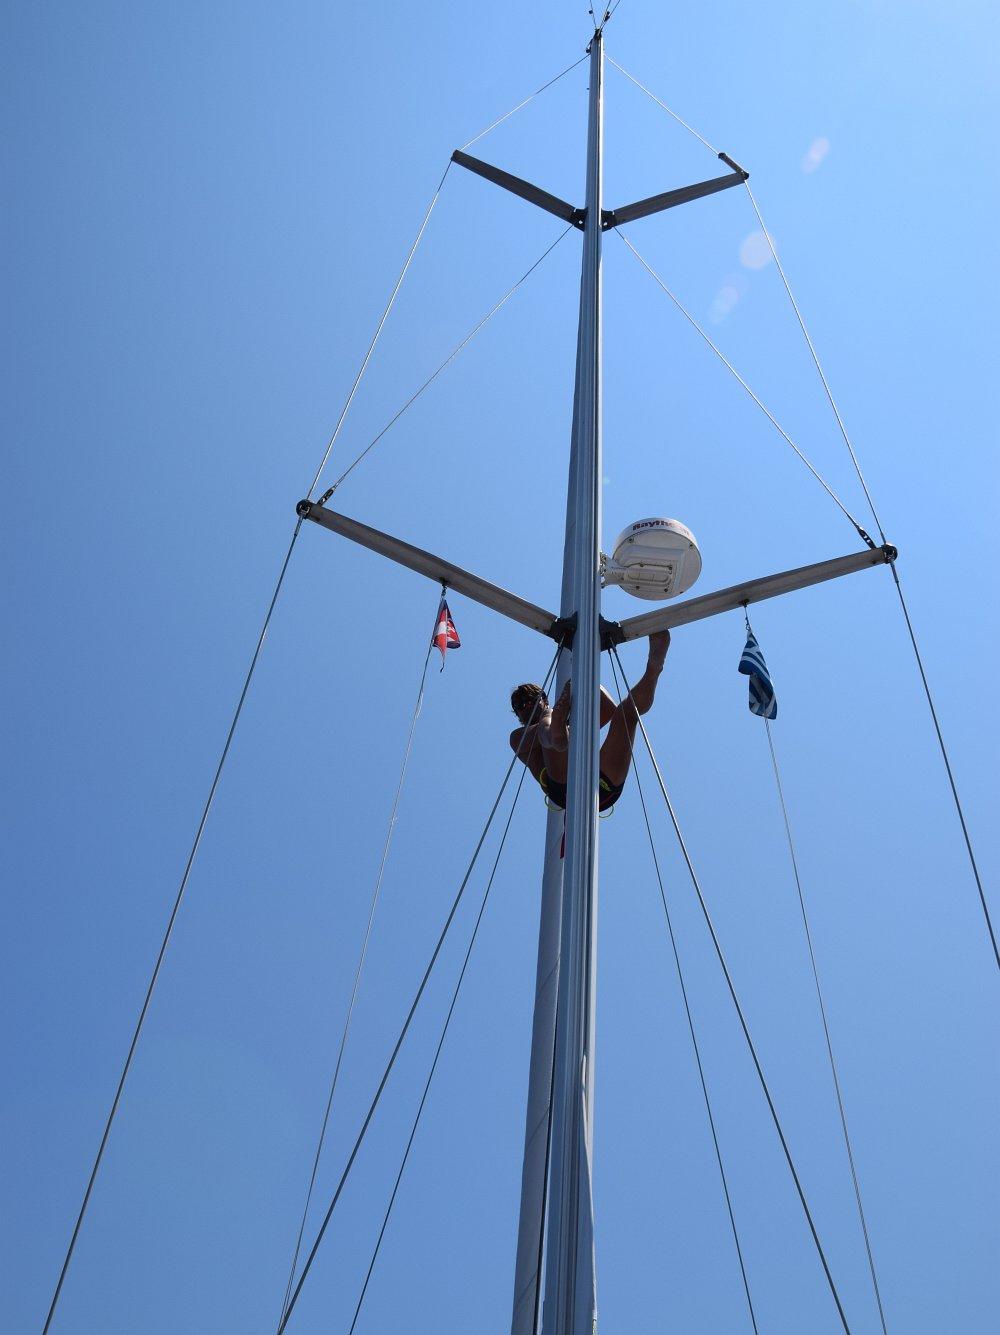 mast-klettern-wingaker-bergeleine-verhaengt